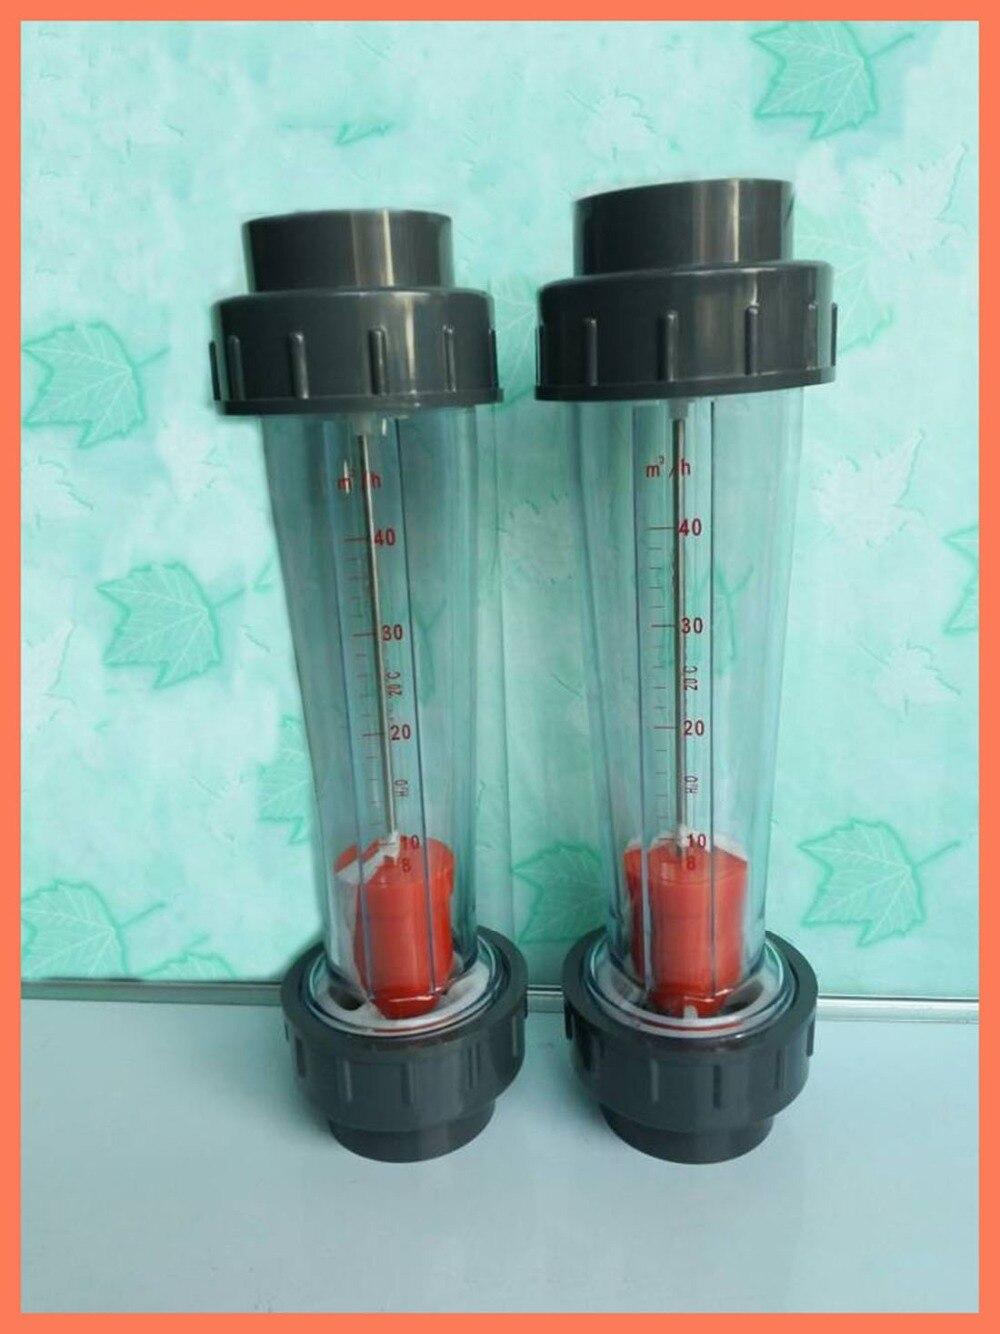 LZS-20 Pipeline de fluxo de água rotameter fluxômetro medidor de  Instrumentos de Medição de Medição Ferramentas LZS20 medidores de Vazão  Tubo de PVC 21c0a40e4a